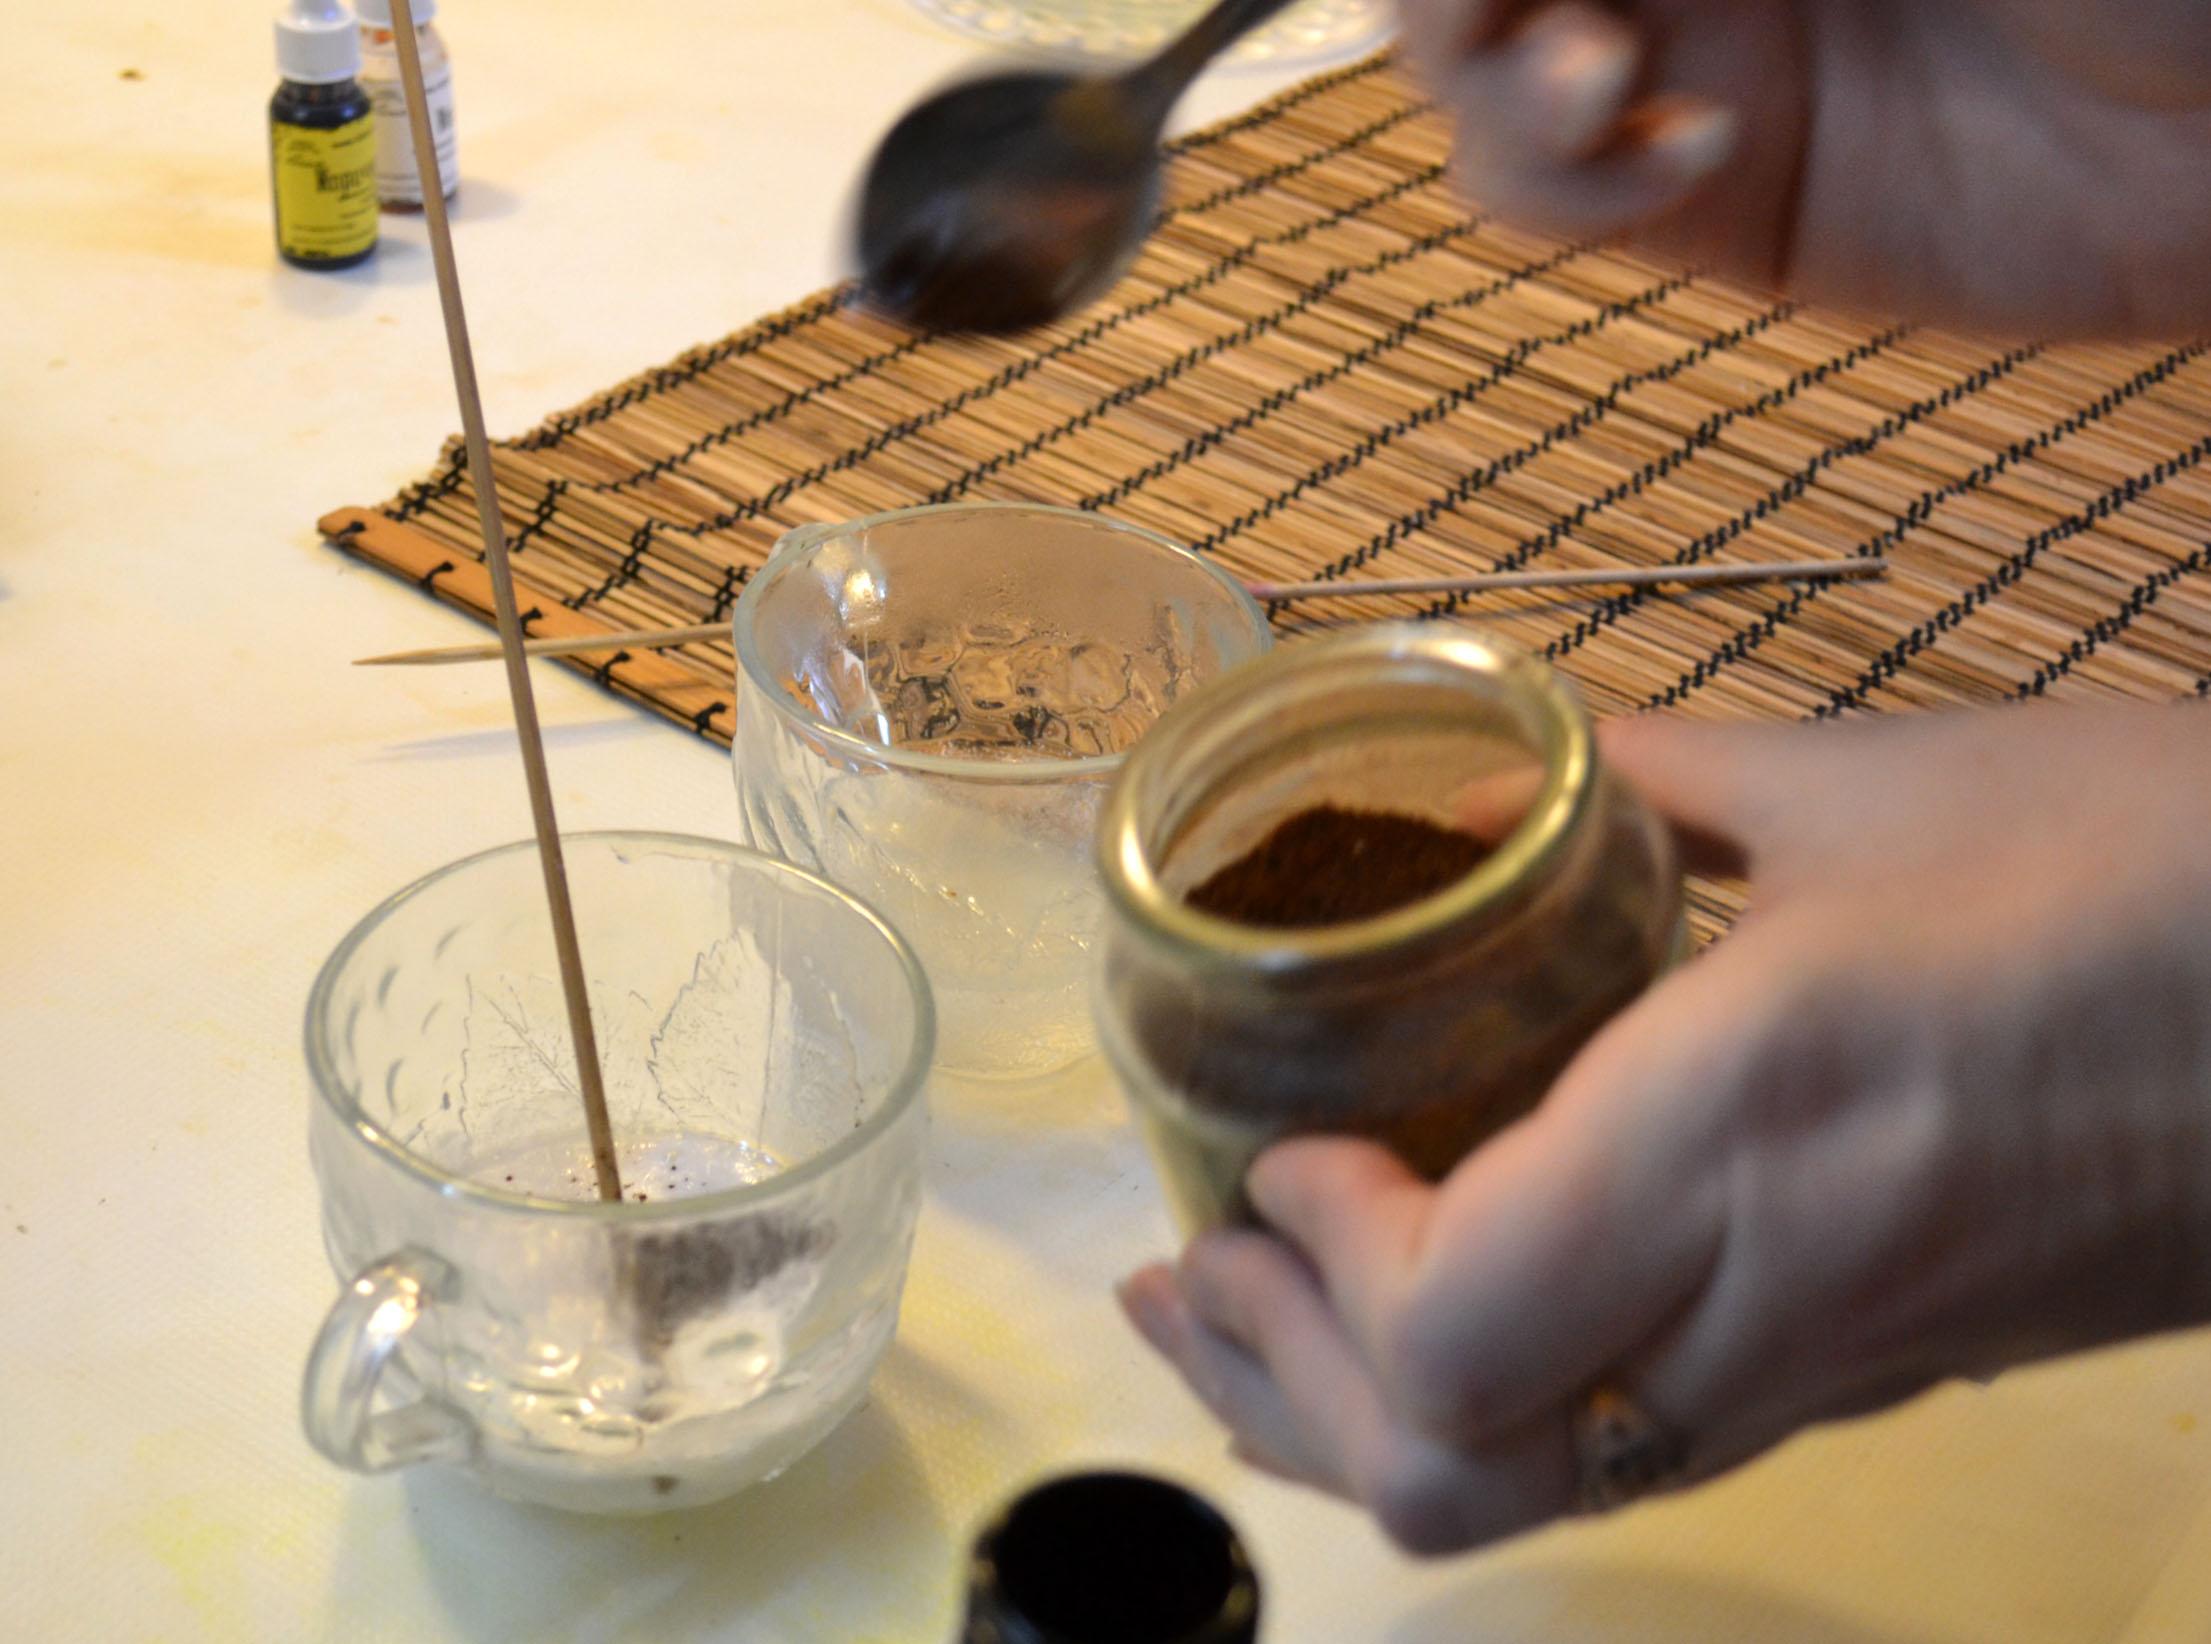 добавляем диоксид титана и кофе